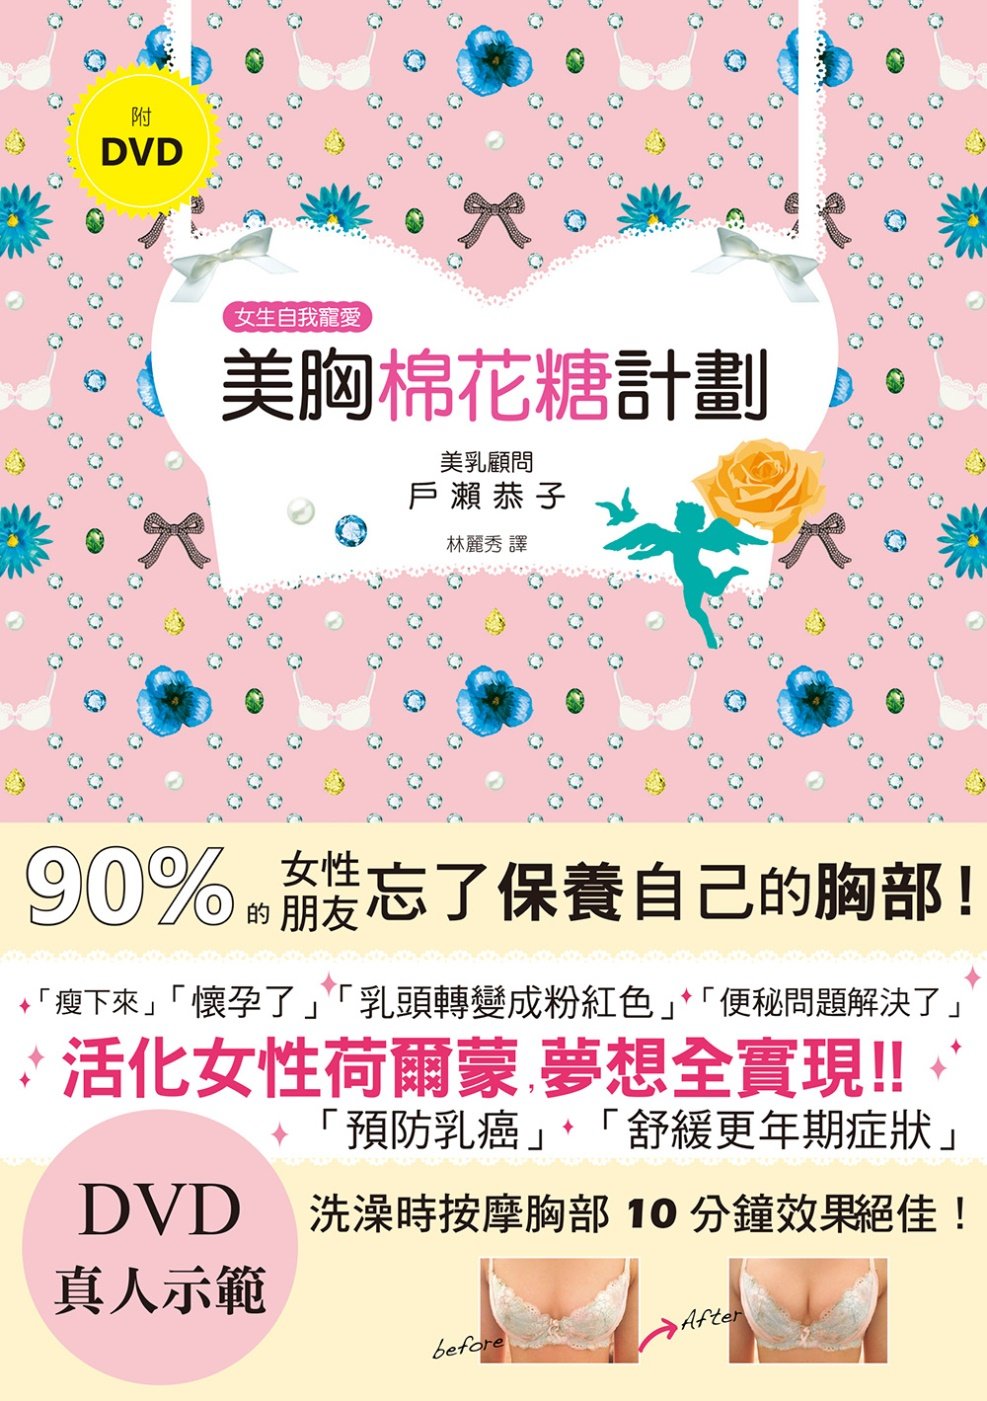 美胸棉花糖計劃:日本豐胸按摩大師,讓妳十分鐘胸圍上升1CUP!(附DVD真人示範)